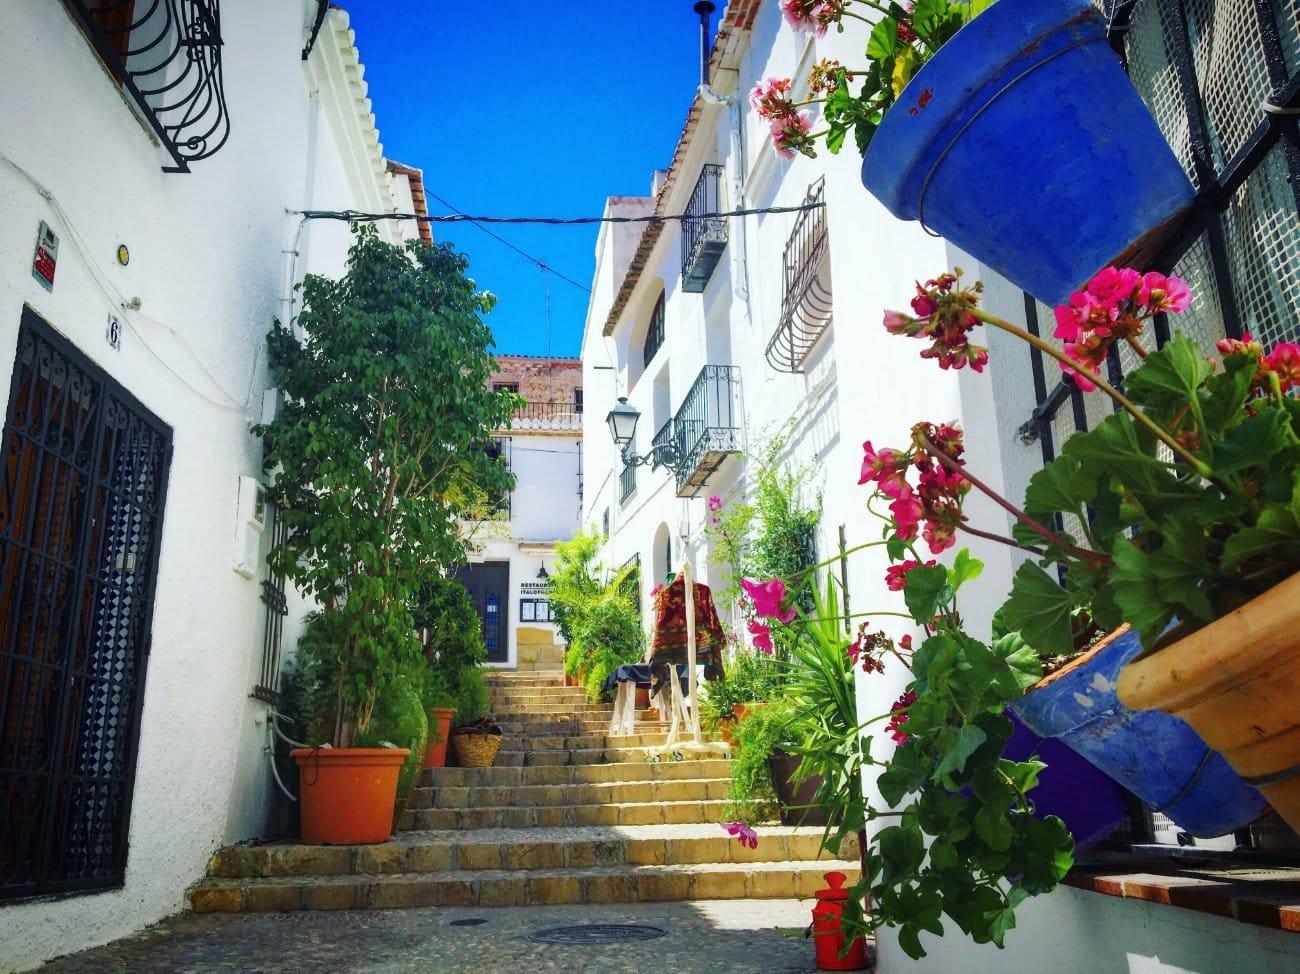 Qué ver en la Comunidad Valenciana: Altea, Alicante